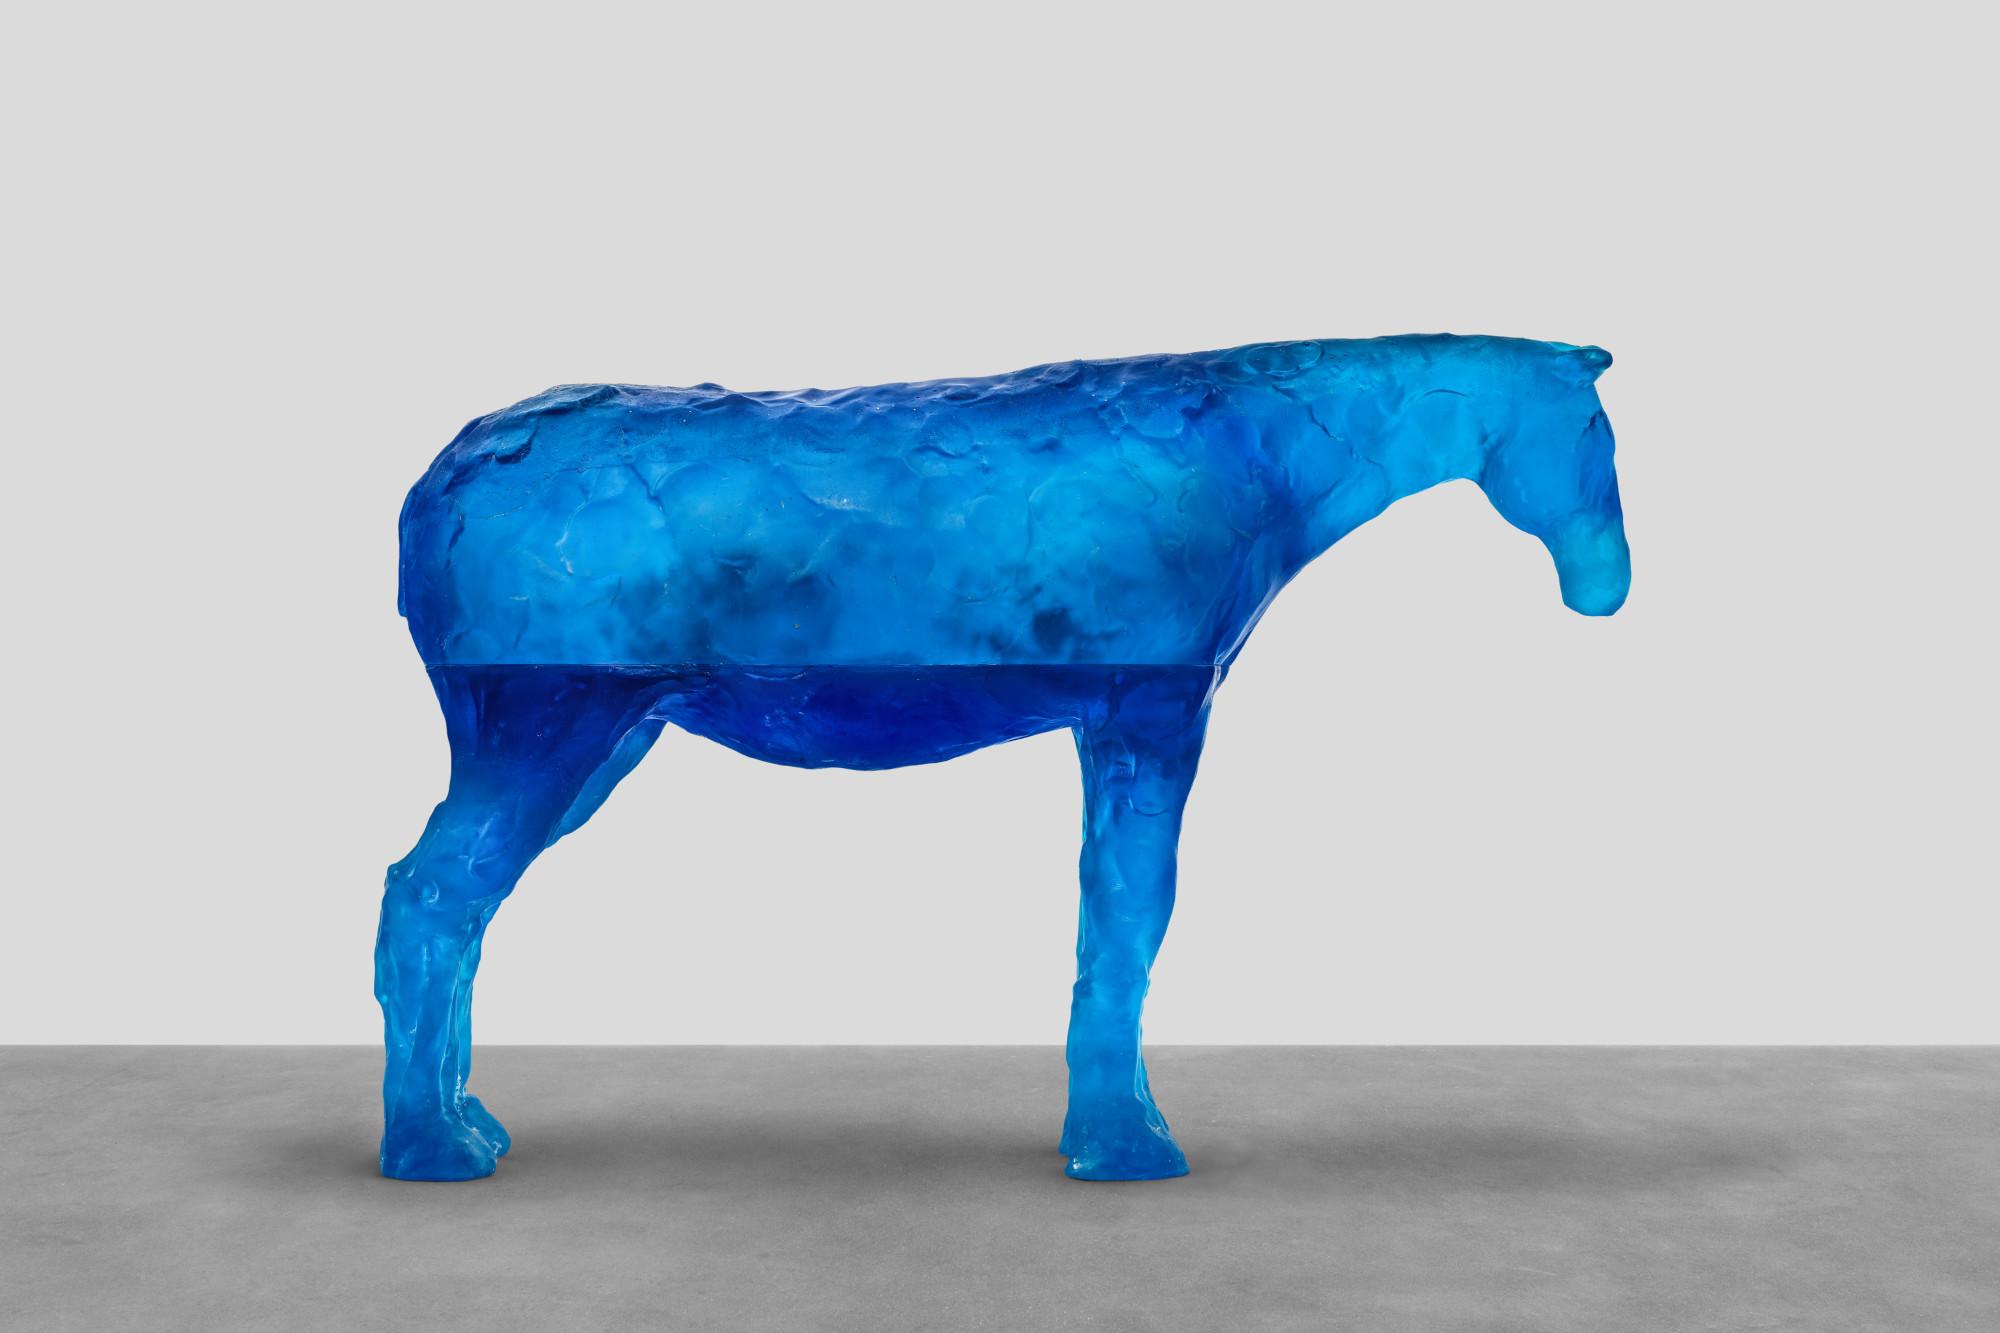 """<div class=""""artwork_caption""""><div class=""""title""""><em>adriatic sea</em>, 2021</div><div class=""""medium"""">blue glass</div><div class=""""dimensions"""">83.5 x 125.6 x 36.2 cm / 32 ⅞ x 49 ½ x 14 ¼ in</div></div><div class=""""link""""><span class=""""website_contact_form"""" data-contact-form-details=""""adriatic sea, 2021  blue glass  83.5 x 125.6 x 36.2 cm / 32 ⅞ x 49 ½ x 14 ¼ in"""" data-contact-form-image=""""https://artlogic-res.cloudinary.com/w_200,h_200,c_fill,f_auto,fl_lossy/ws-sadiecoles/usr/exhibitions/images/exhibitions/853/hq24-ur17112s_adriatic_sea_1.jpeg"""">Enquire</span></div>"""